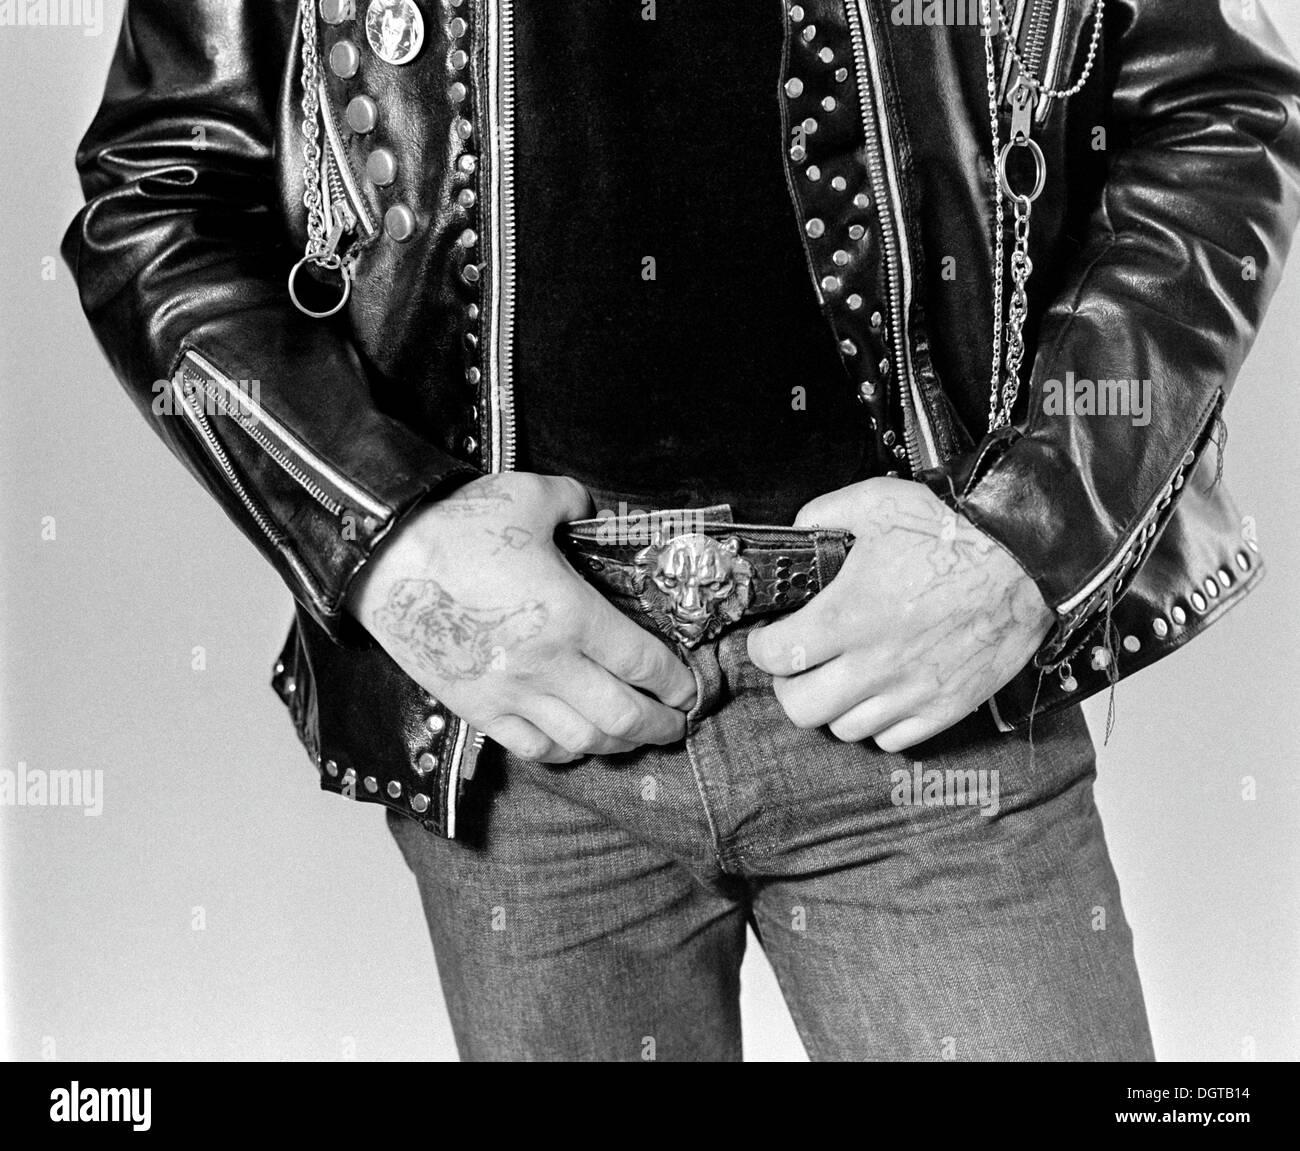 Biker mit einer Tätowierung trägt eine Lederjacke über 1985